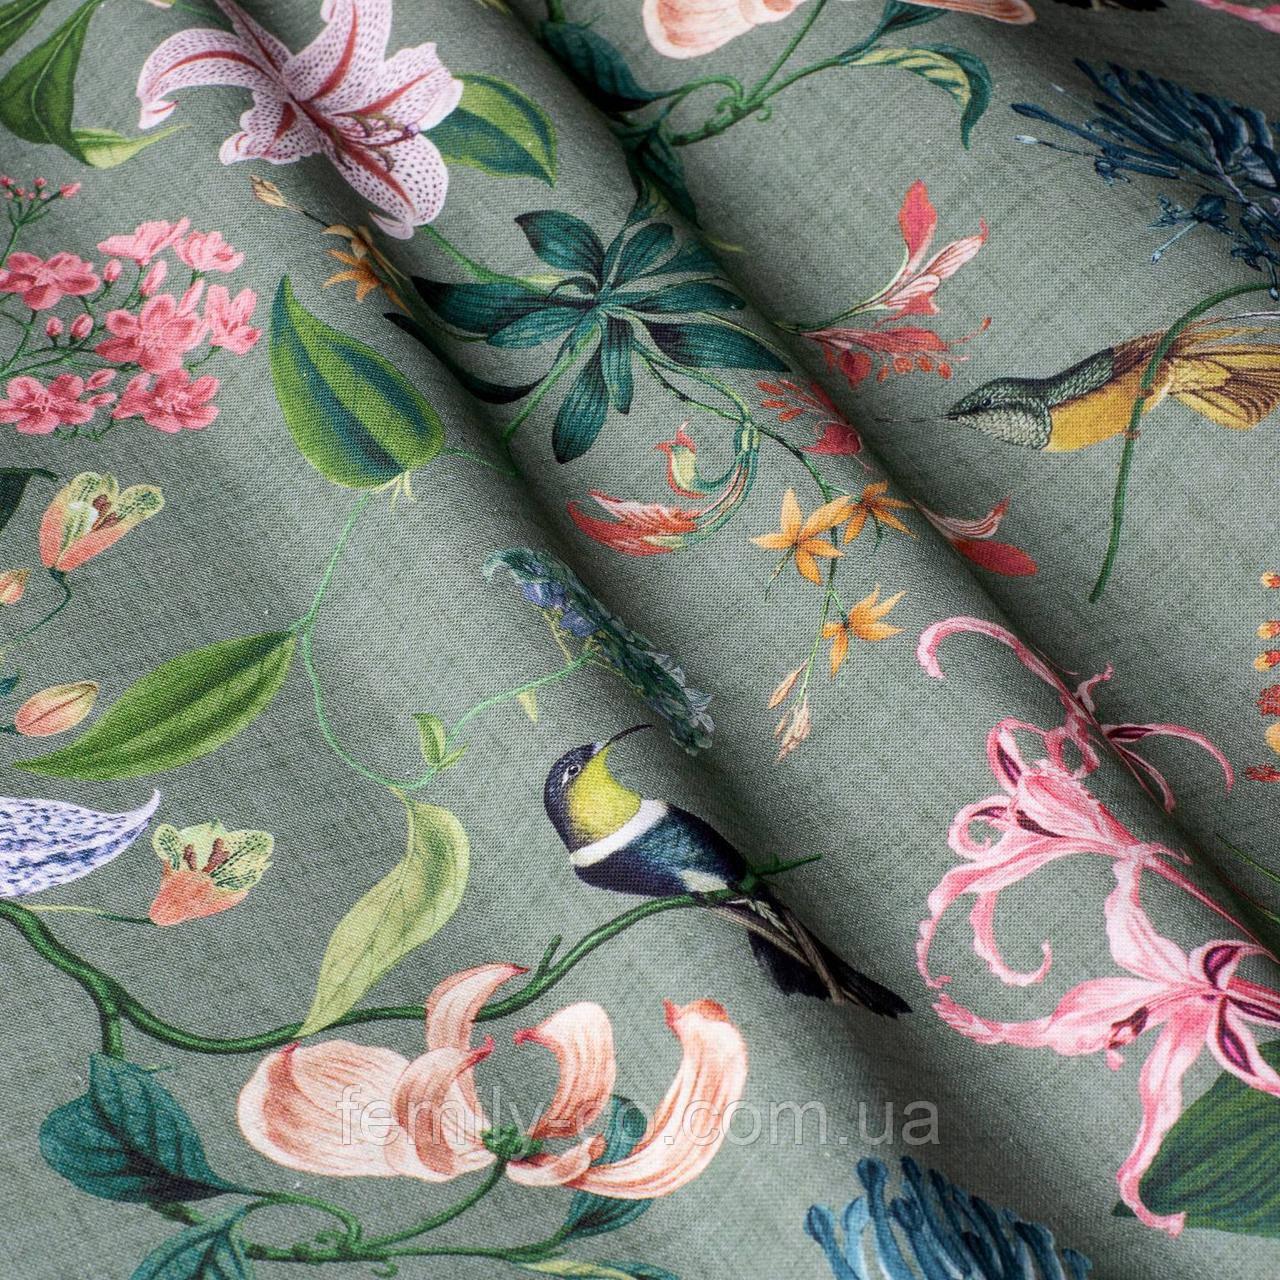 Декоративная ткань с крупными цветными растениями и птицами на сером 84295v2